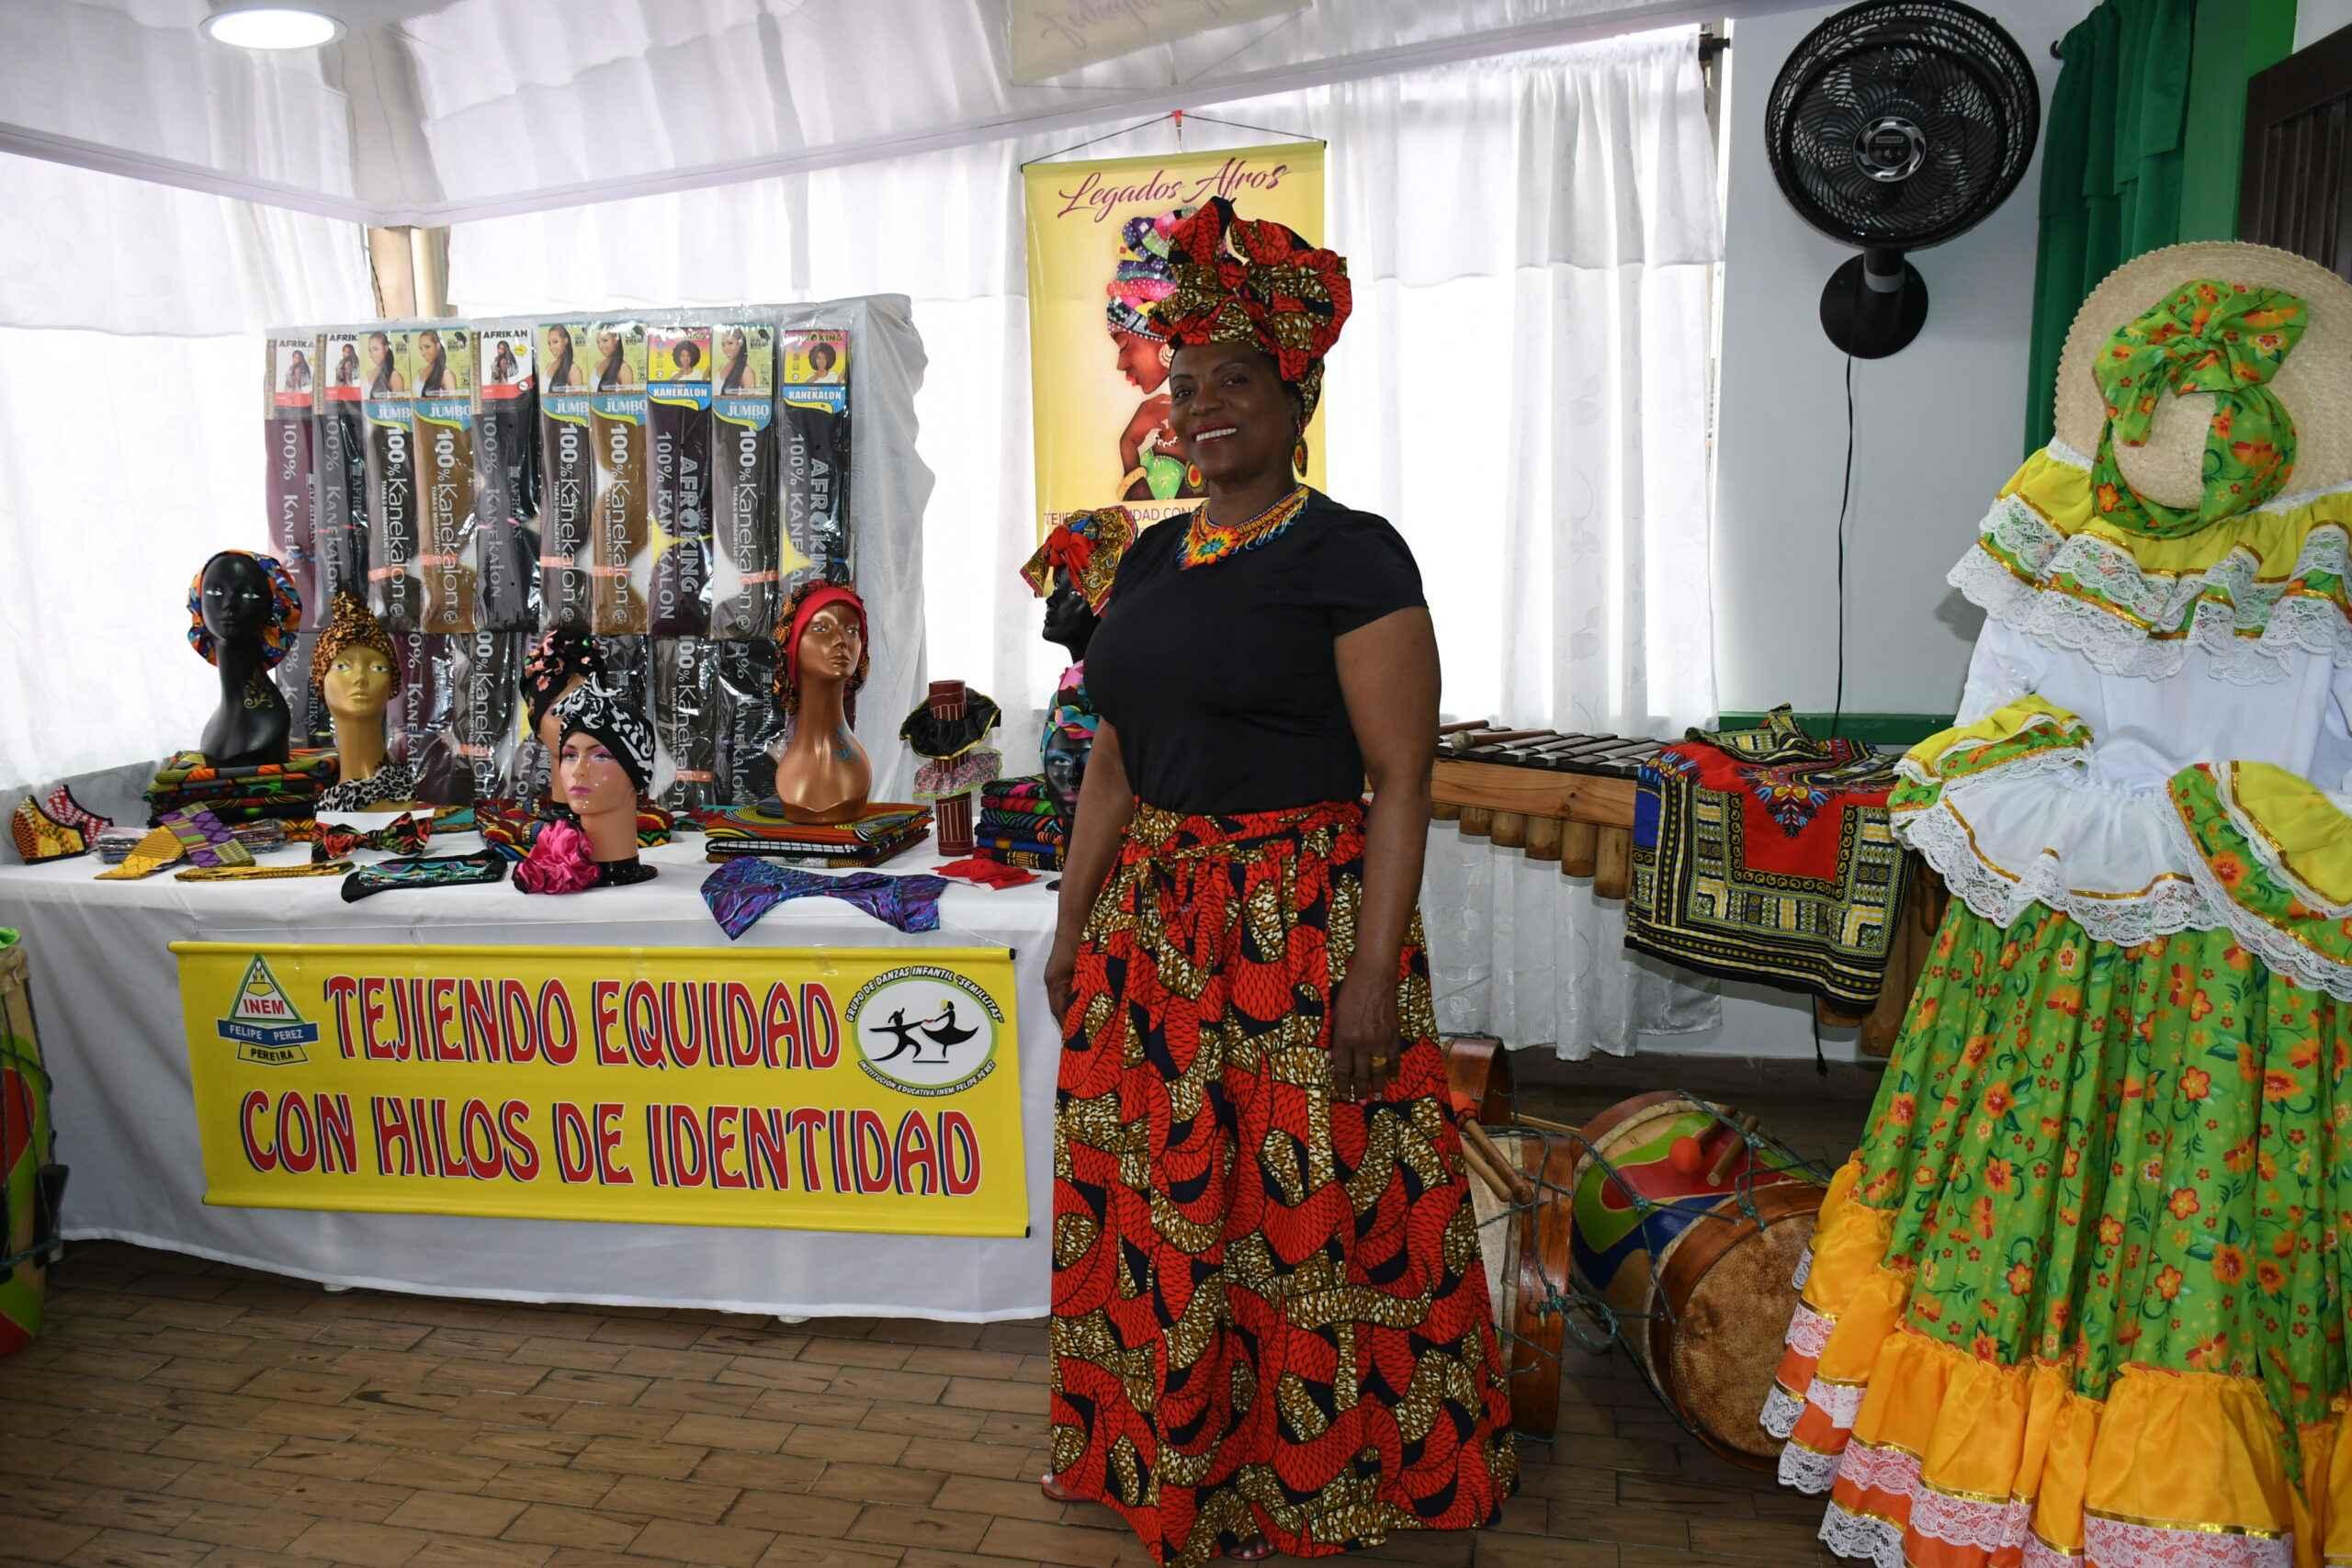 Un emprendimiento familiar ayuda a perpetuar el legado Afro en Risaralda